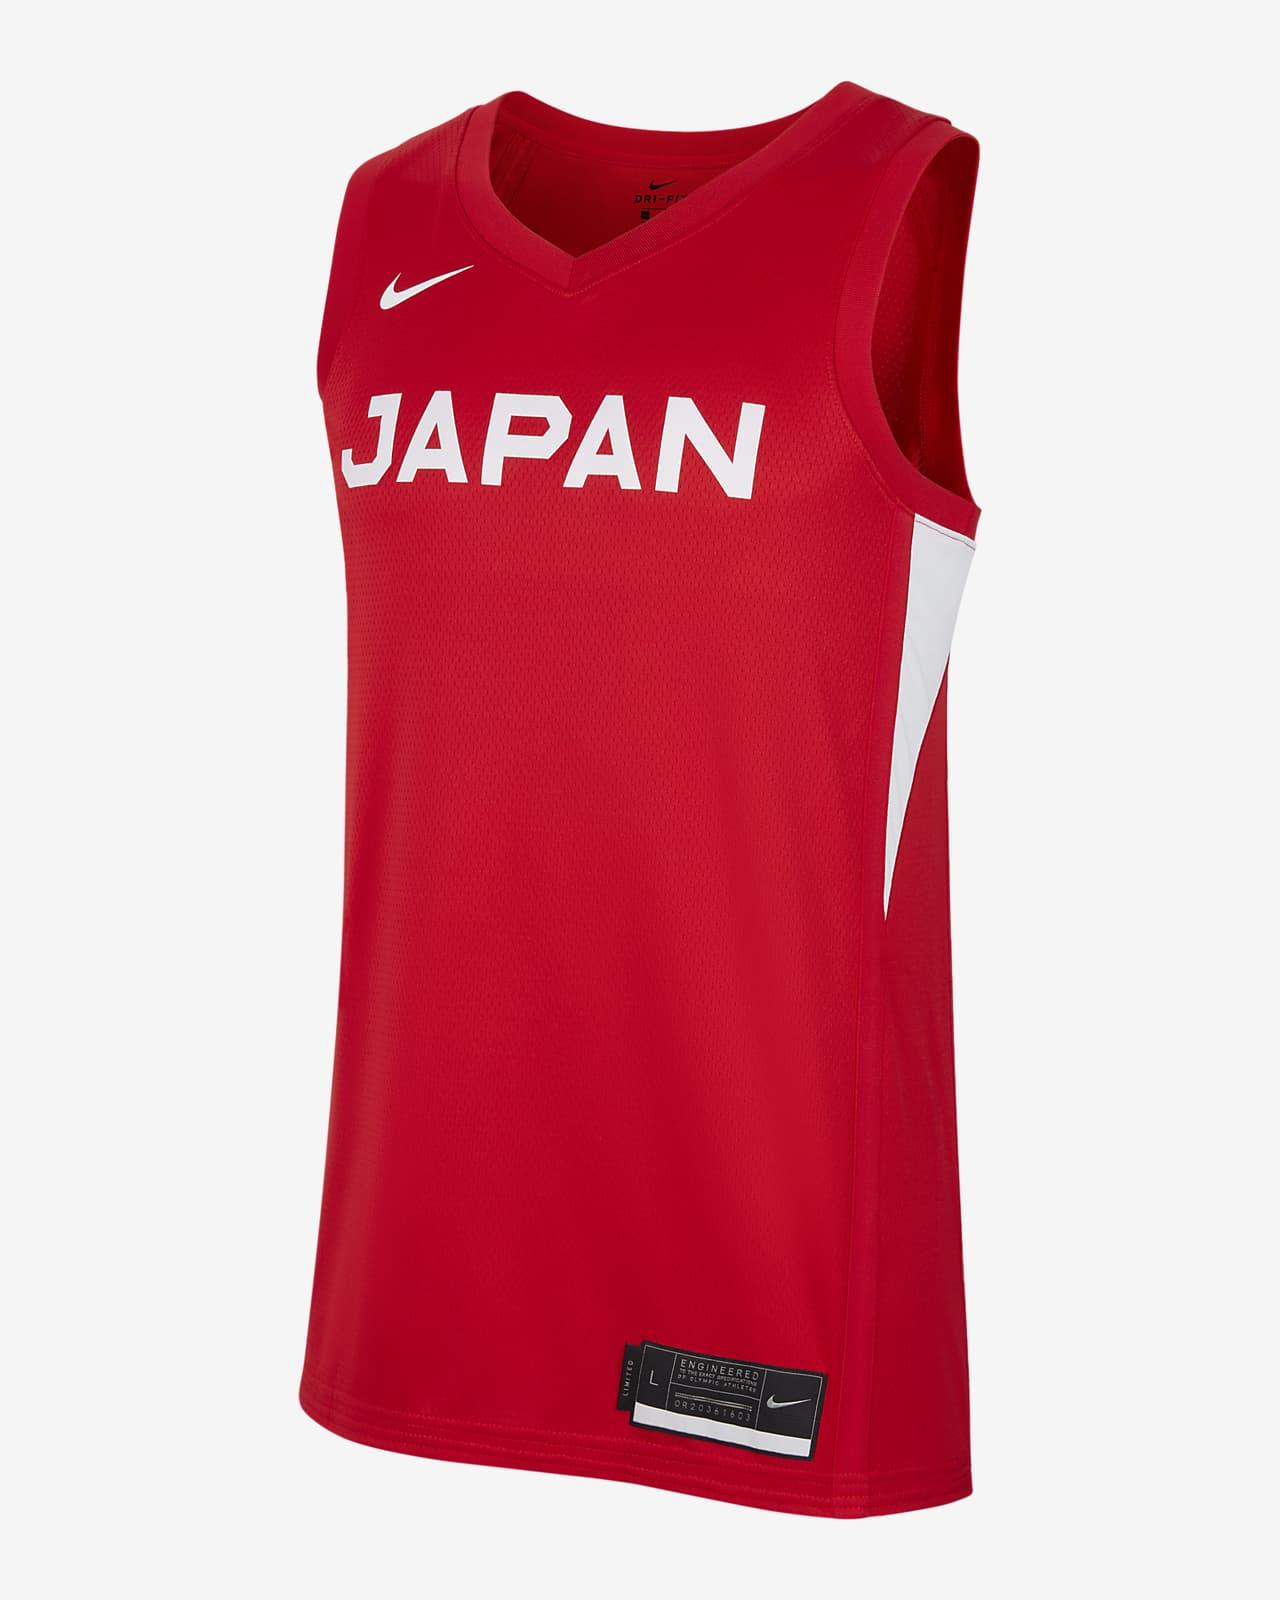 ジャパン (ロード) リミテッド メンズ ナイキ バスケットボールジャージー